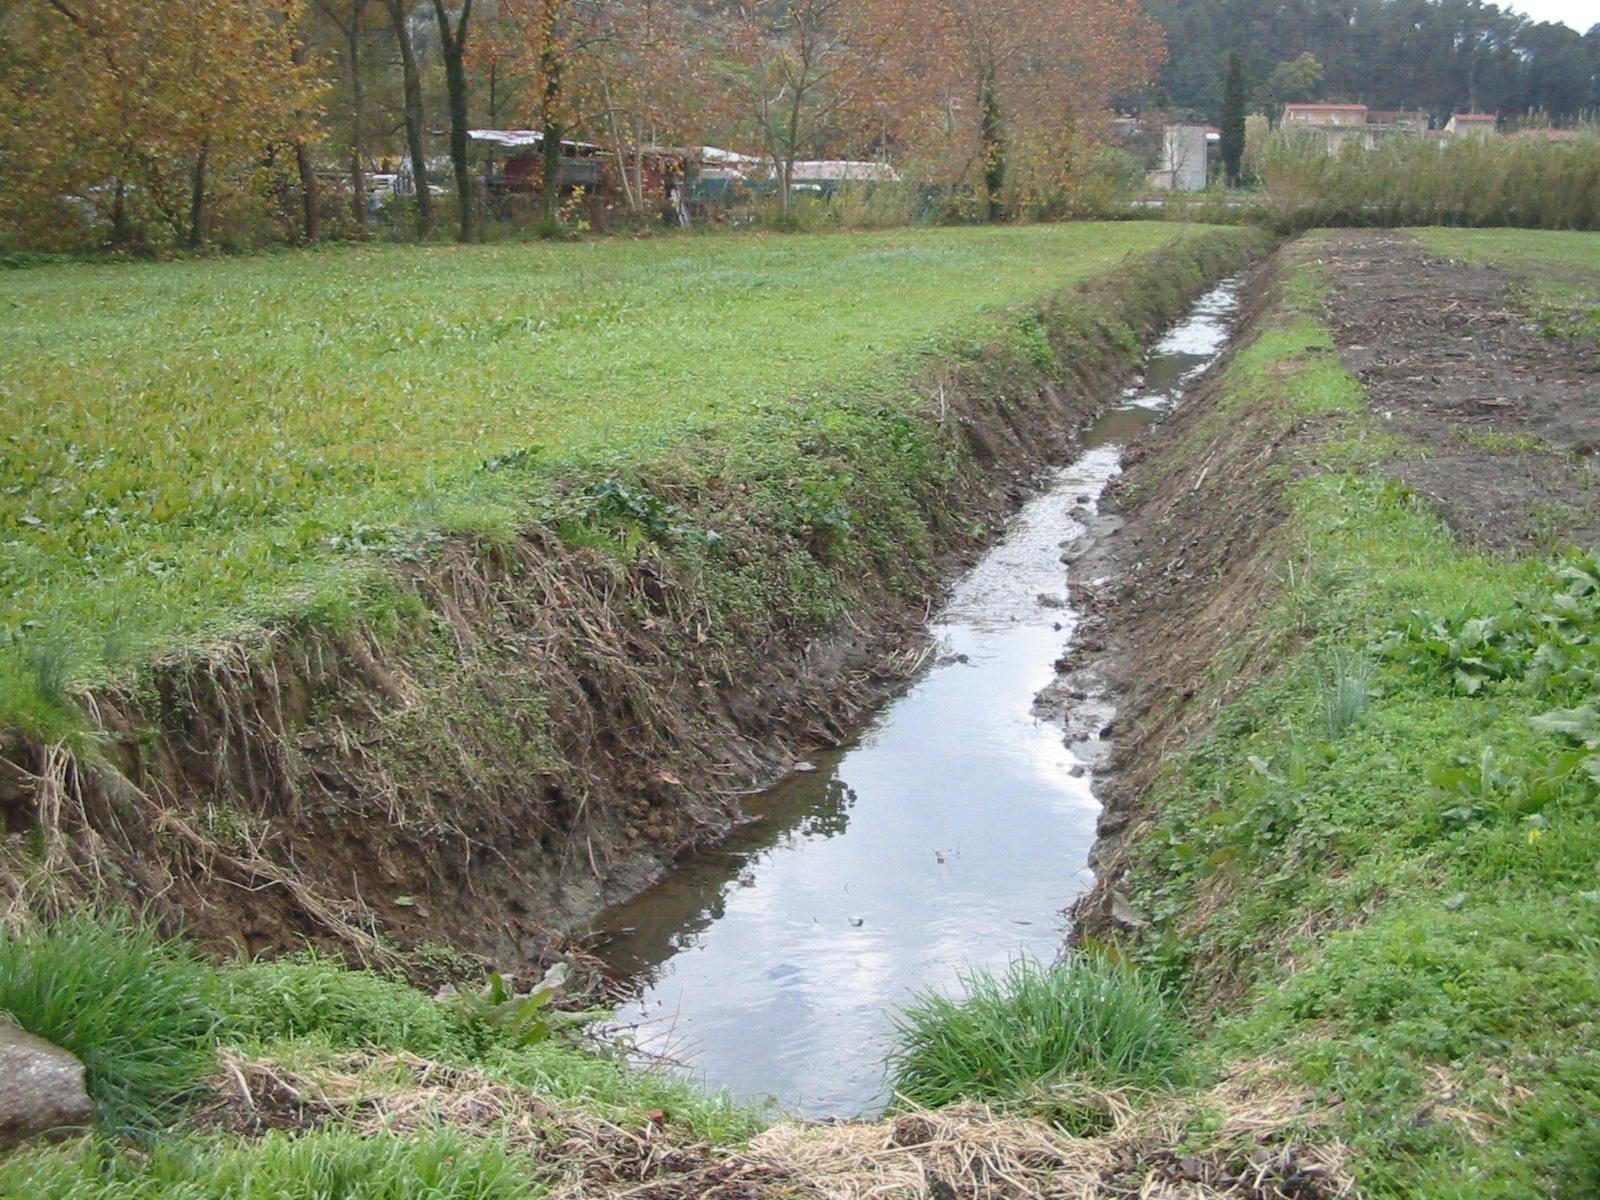 Fossi e terreni incolti. Il sindaco emette un'ordinanza  per la pulizia